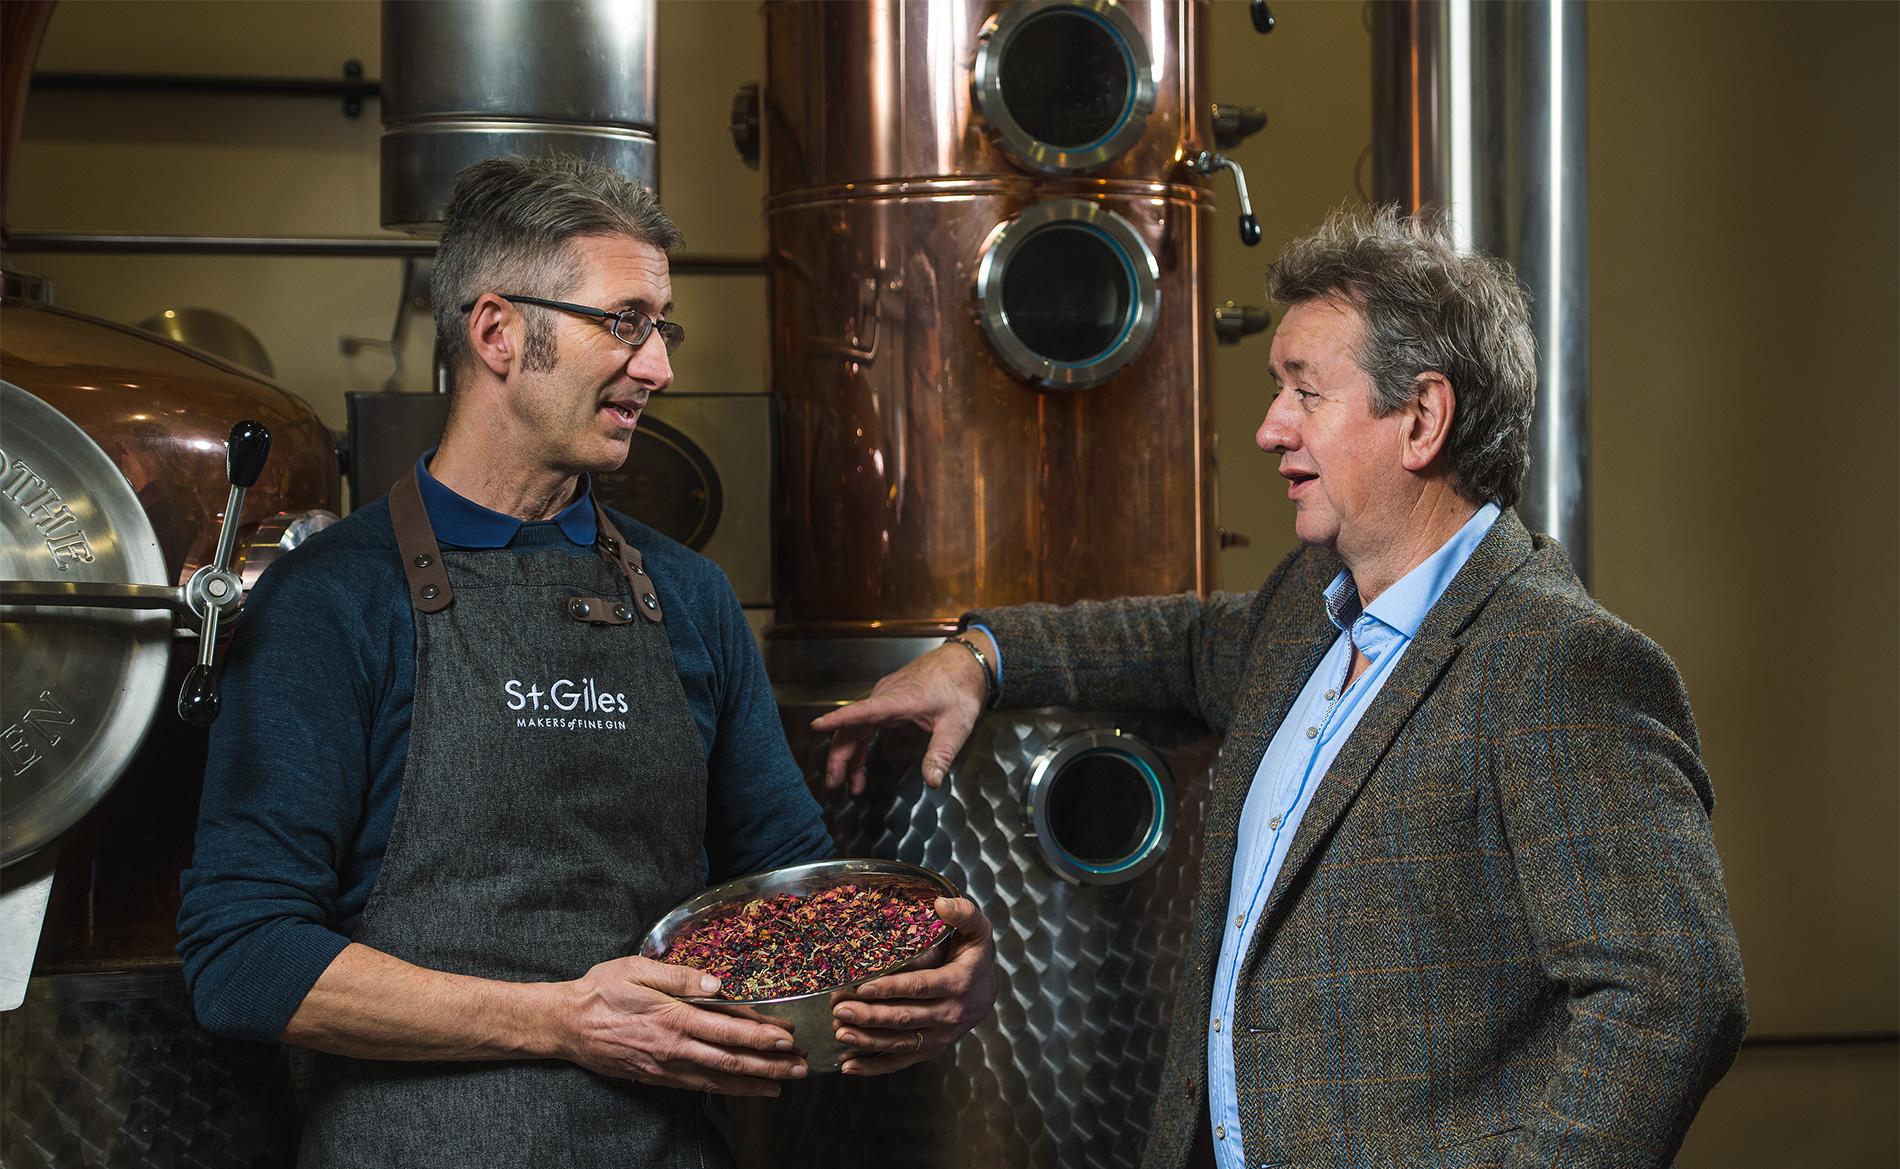 Pete Margree and Simon Melton of St Giles Gin.